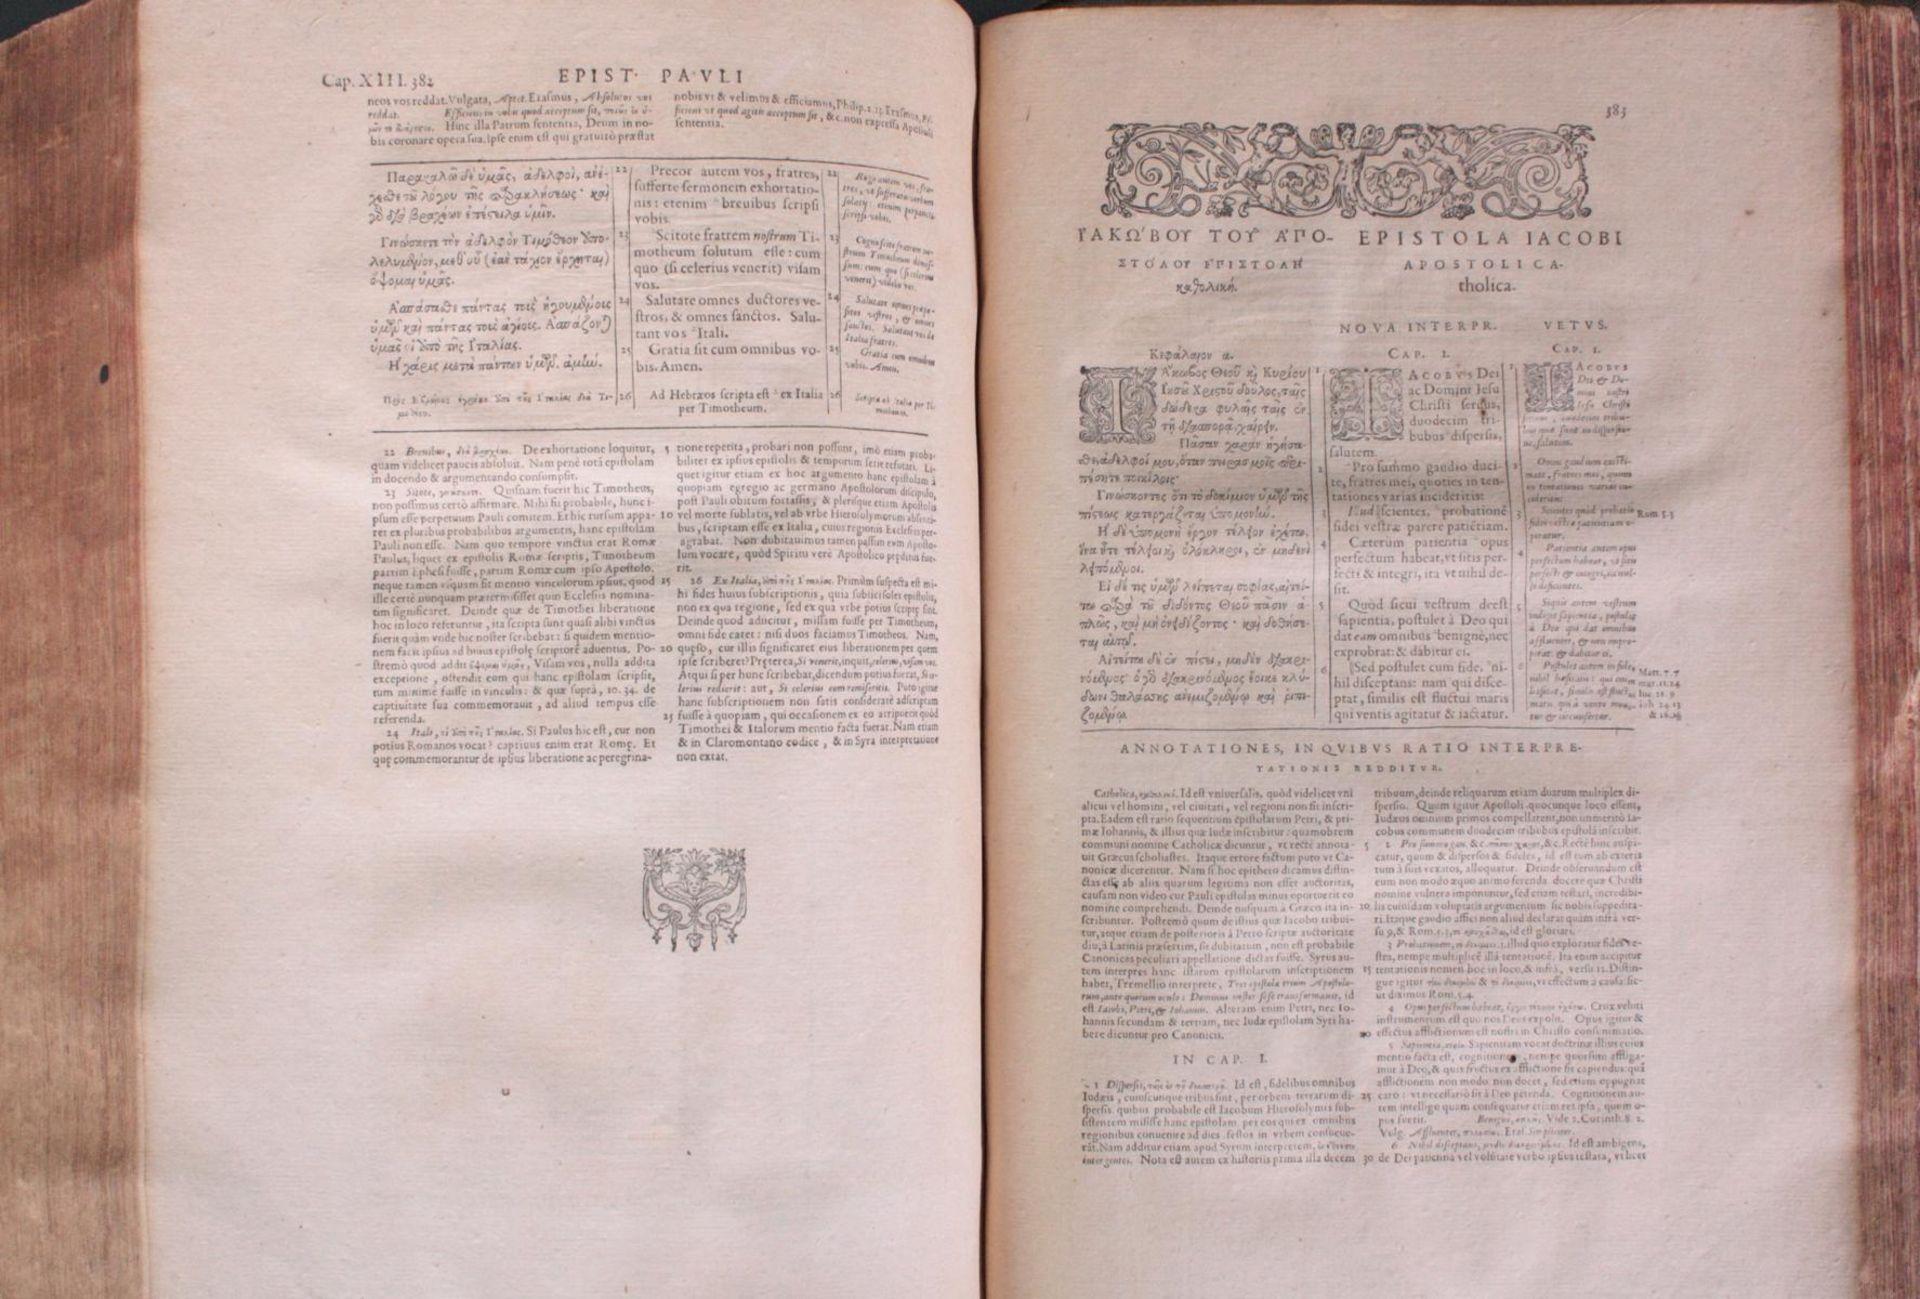 Griechische-Lateinische Bibel, Novum Testamentum 1582 - Bild 16 aus 23